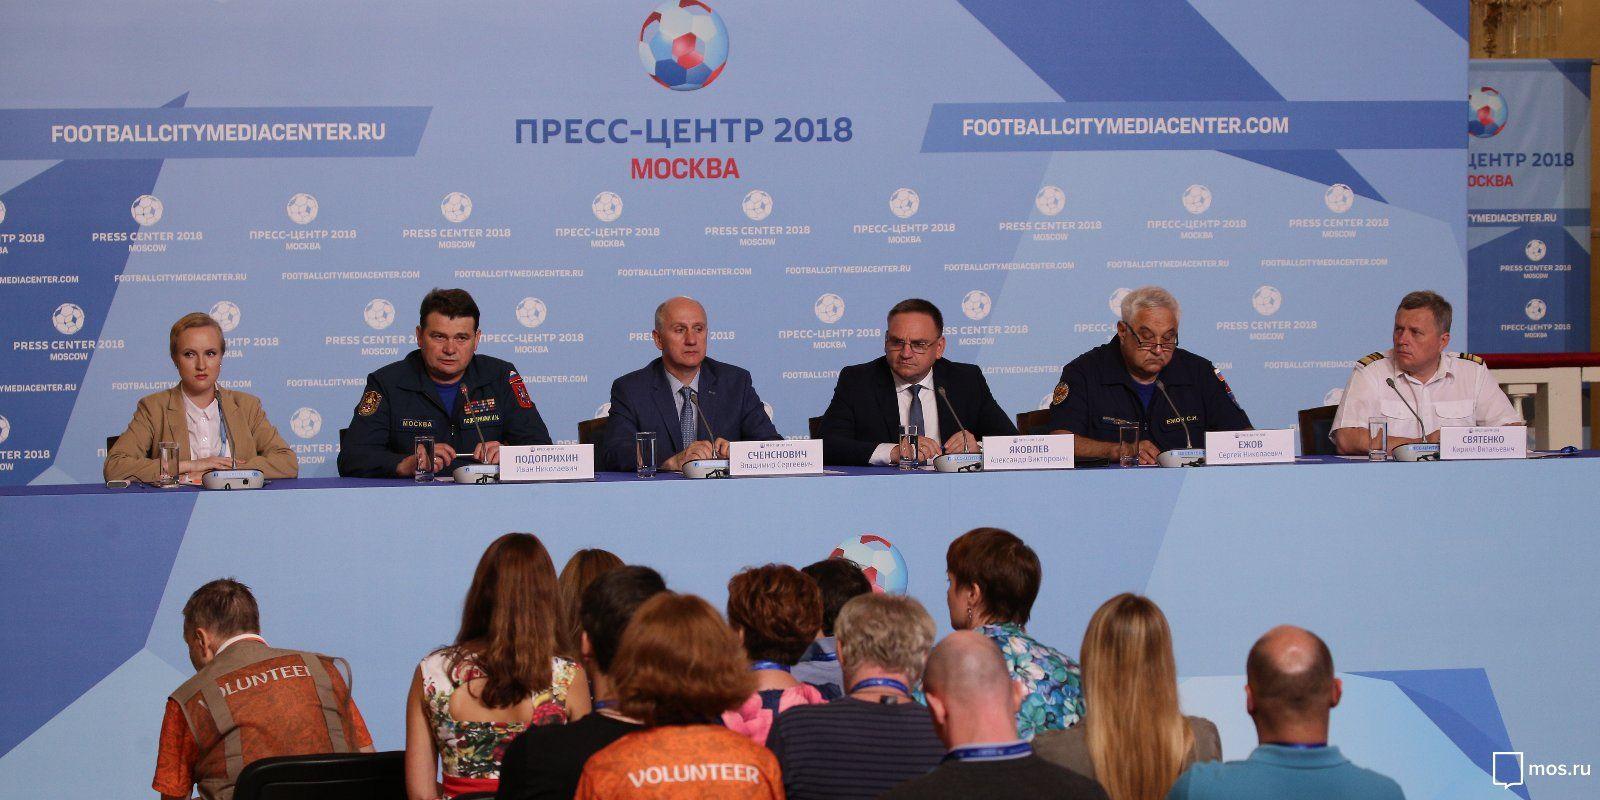 Московские спасатели: О реагировании на происшествия во время ЧМ-2018